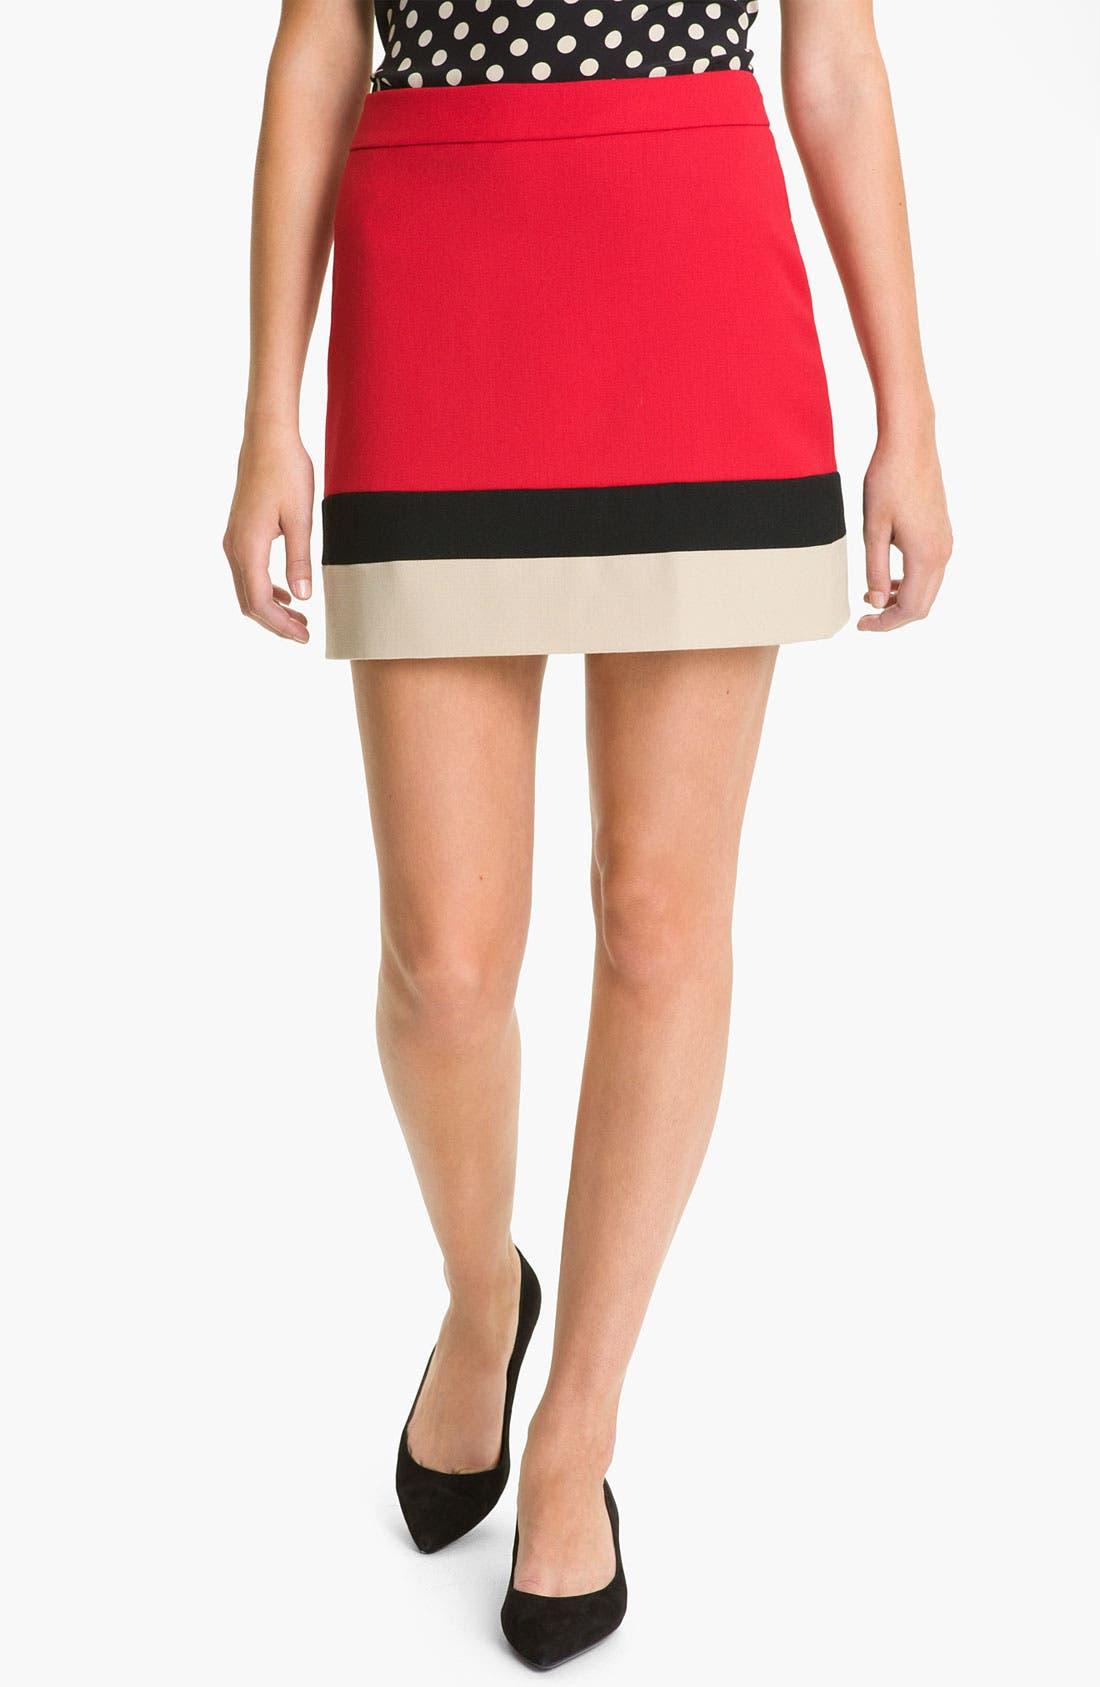 Alternate Image 1 Selected - kate spade new york 'evan' wool skirt (Online Exclusive)